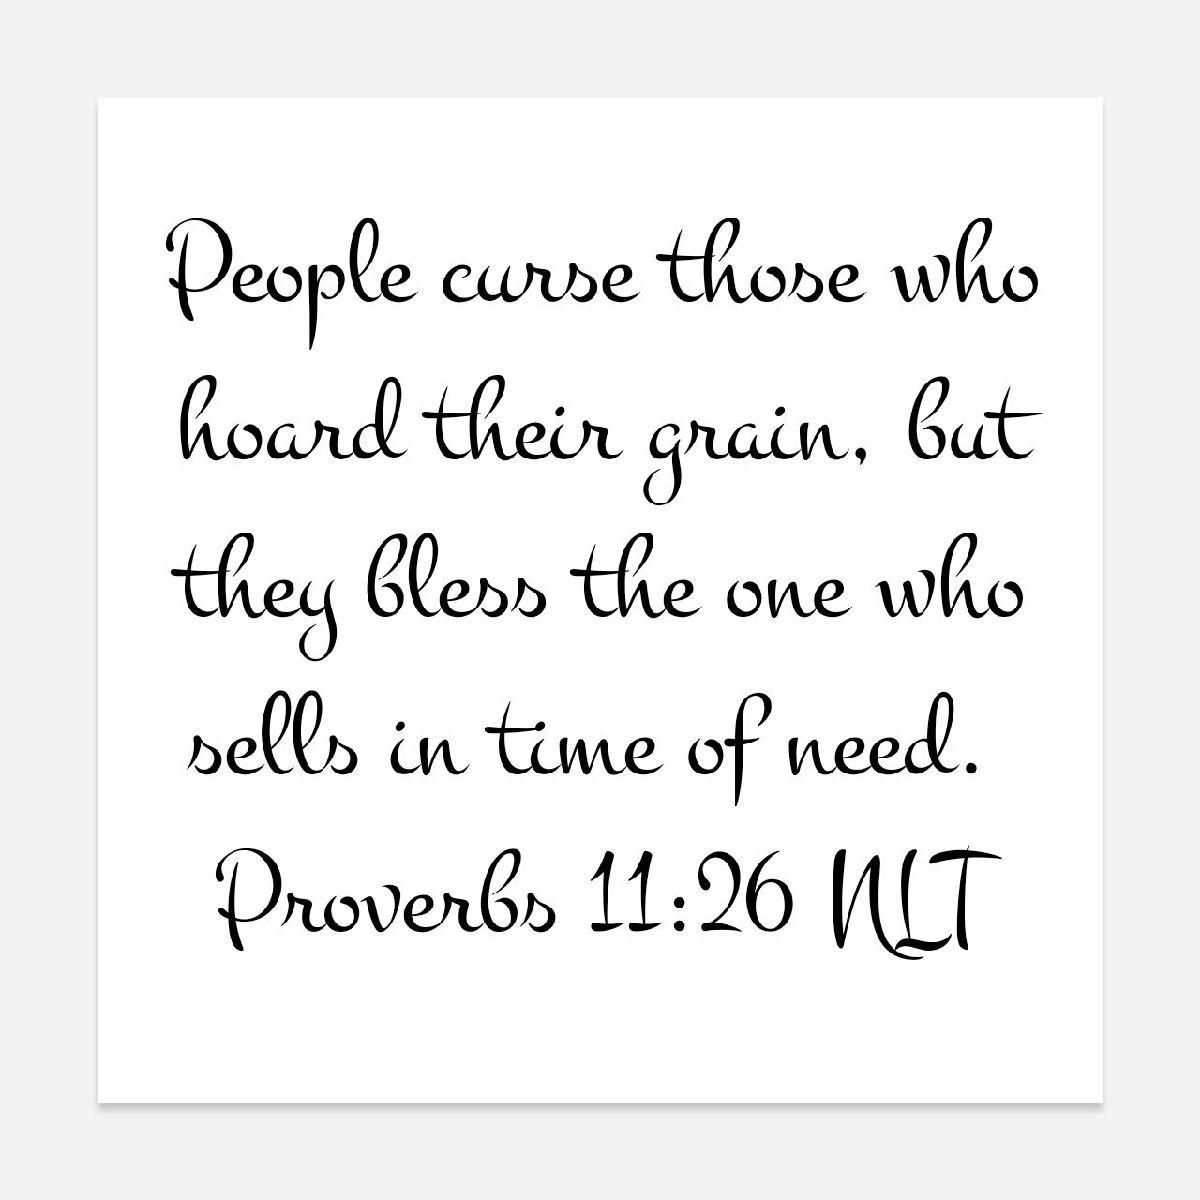 Proverbs 11-26.jpg